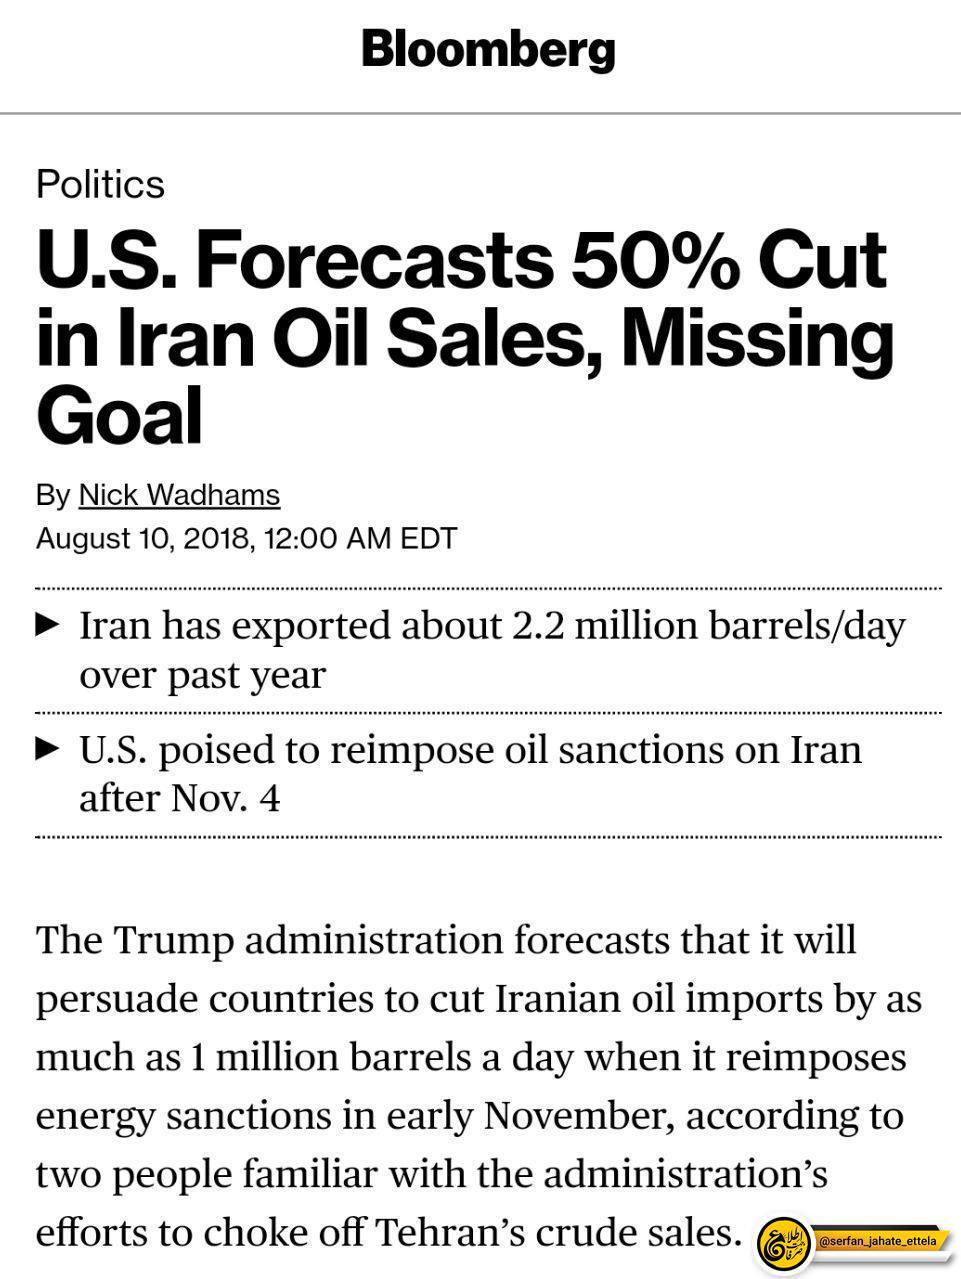 پیش بینی آمریکا درباره کاهش۵۰درصدی فروش نفت ایران